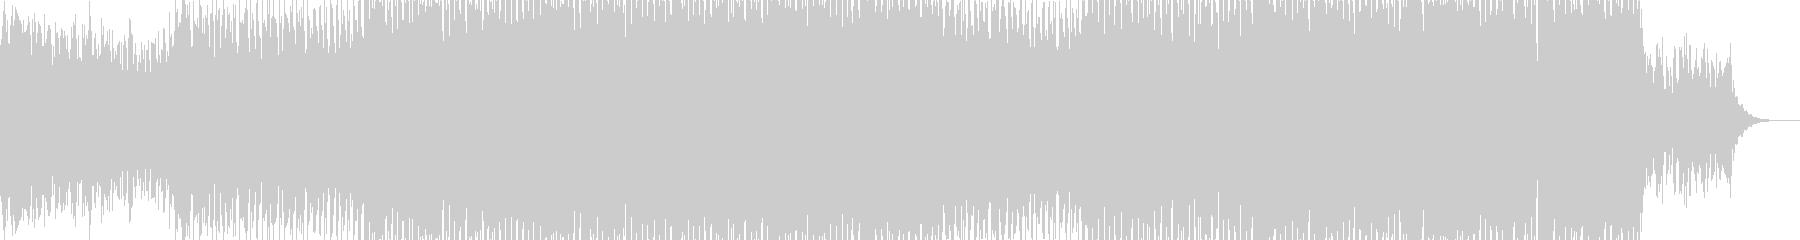 EDMクラブ系ダンスミュージック-74の未再生の波形